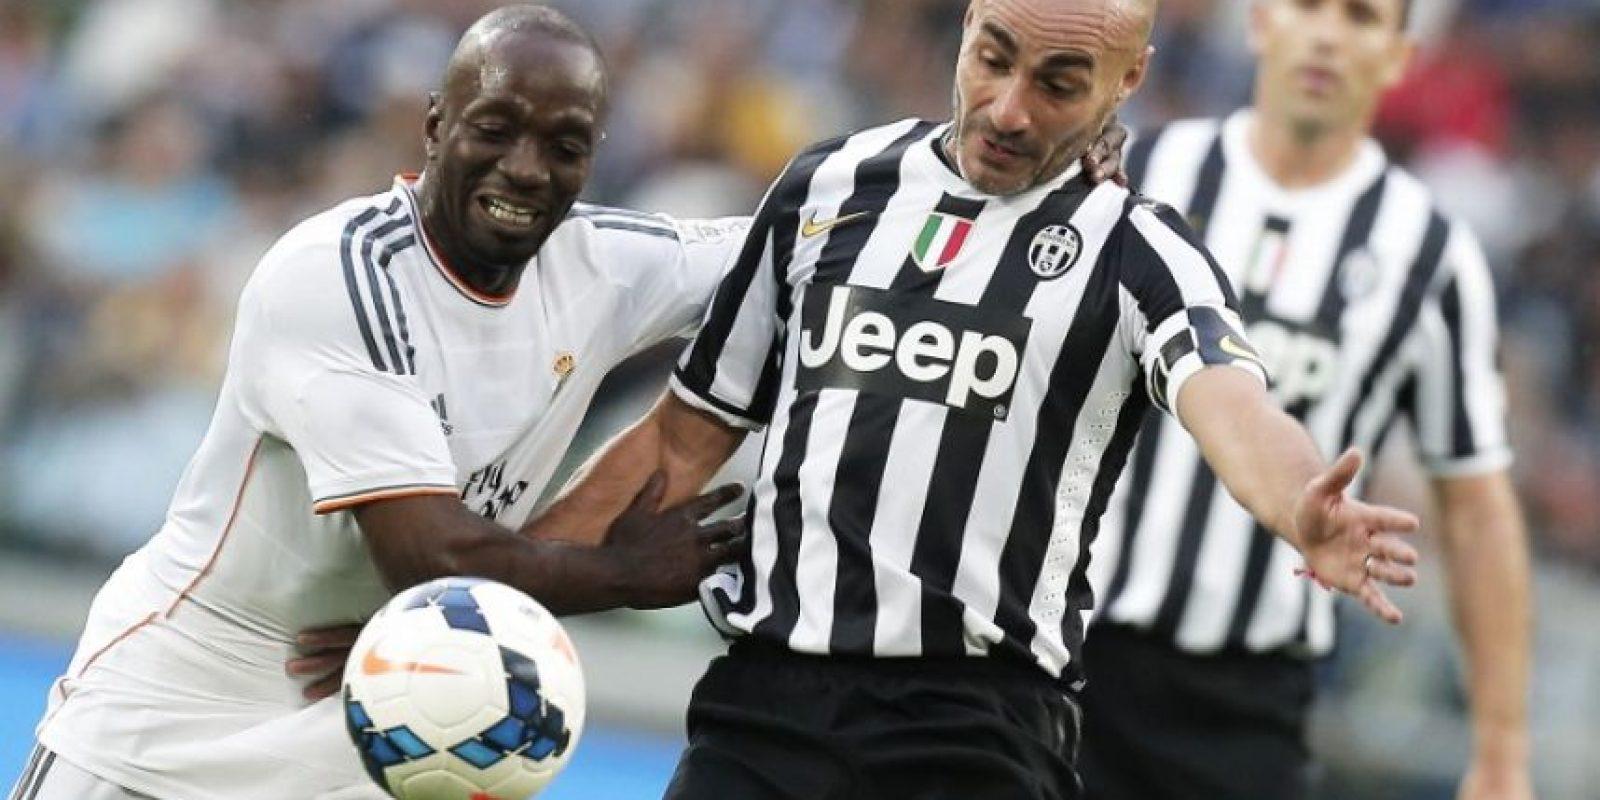 El uruguayo Paolo Montero con la camiseta de la Juventus, en un partido de veteranos contra el Real Madrid. Foto:AFP